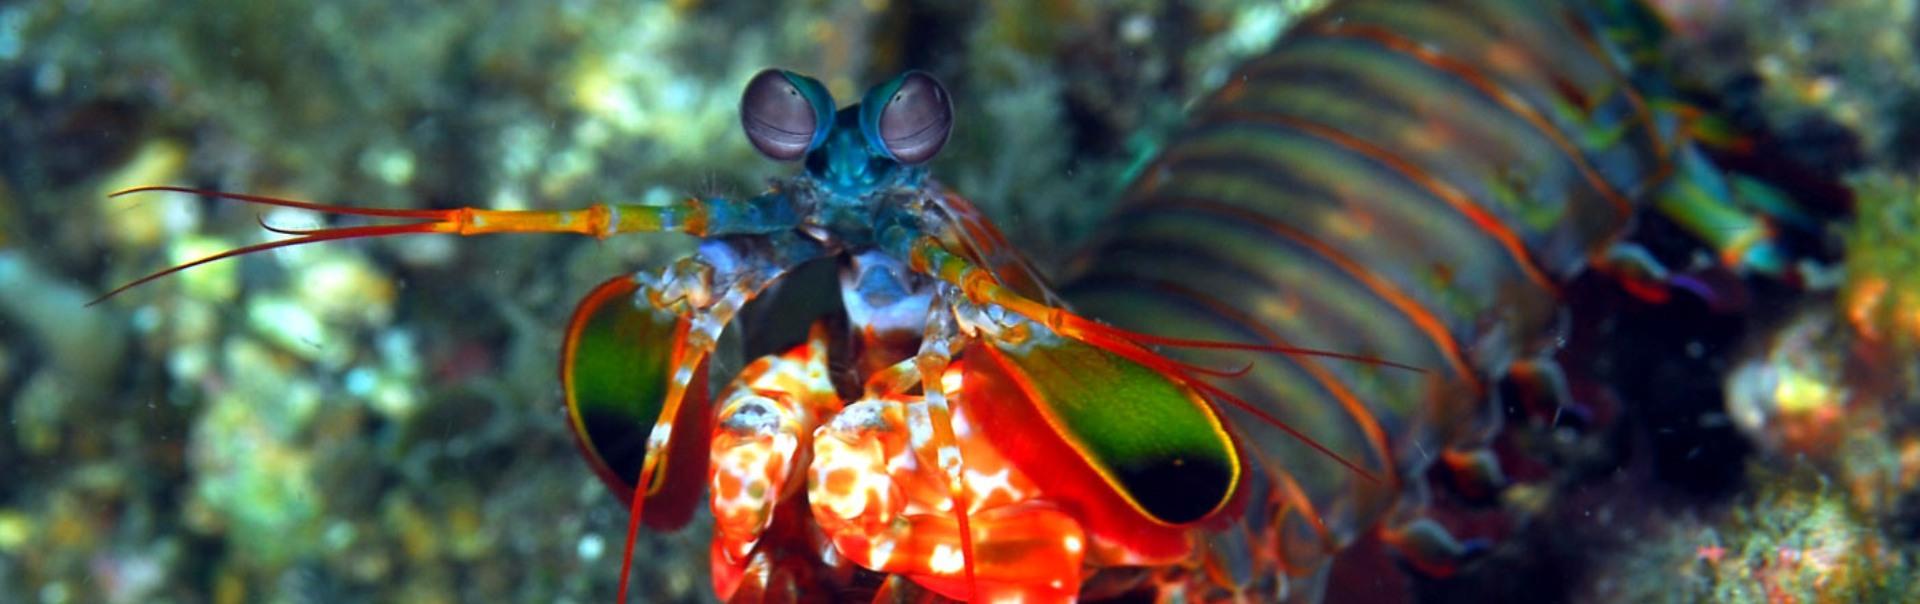 Minunățiile naturii: Animale cu ochi fantastici